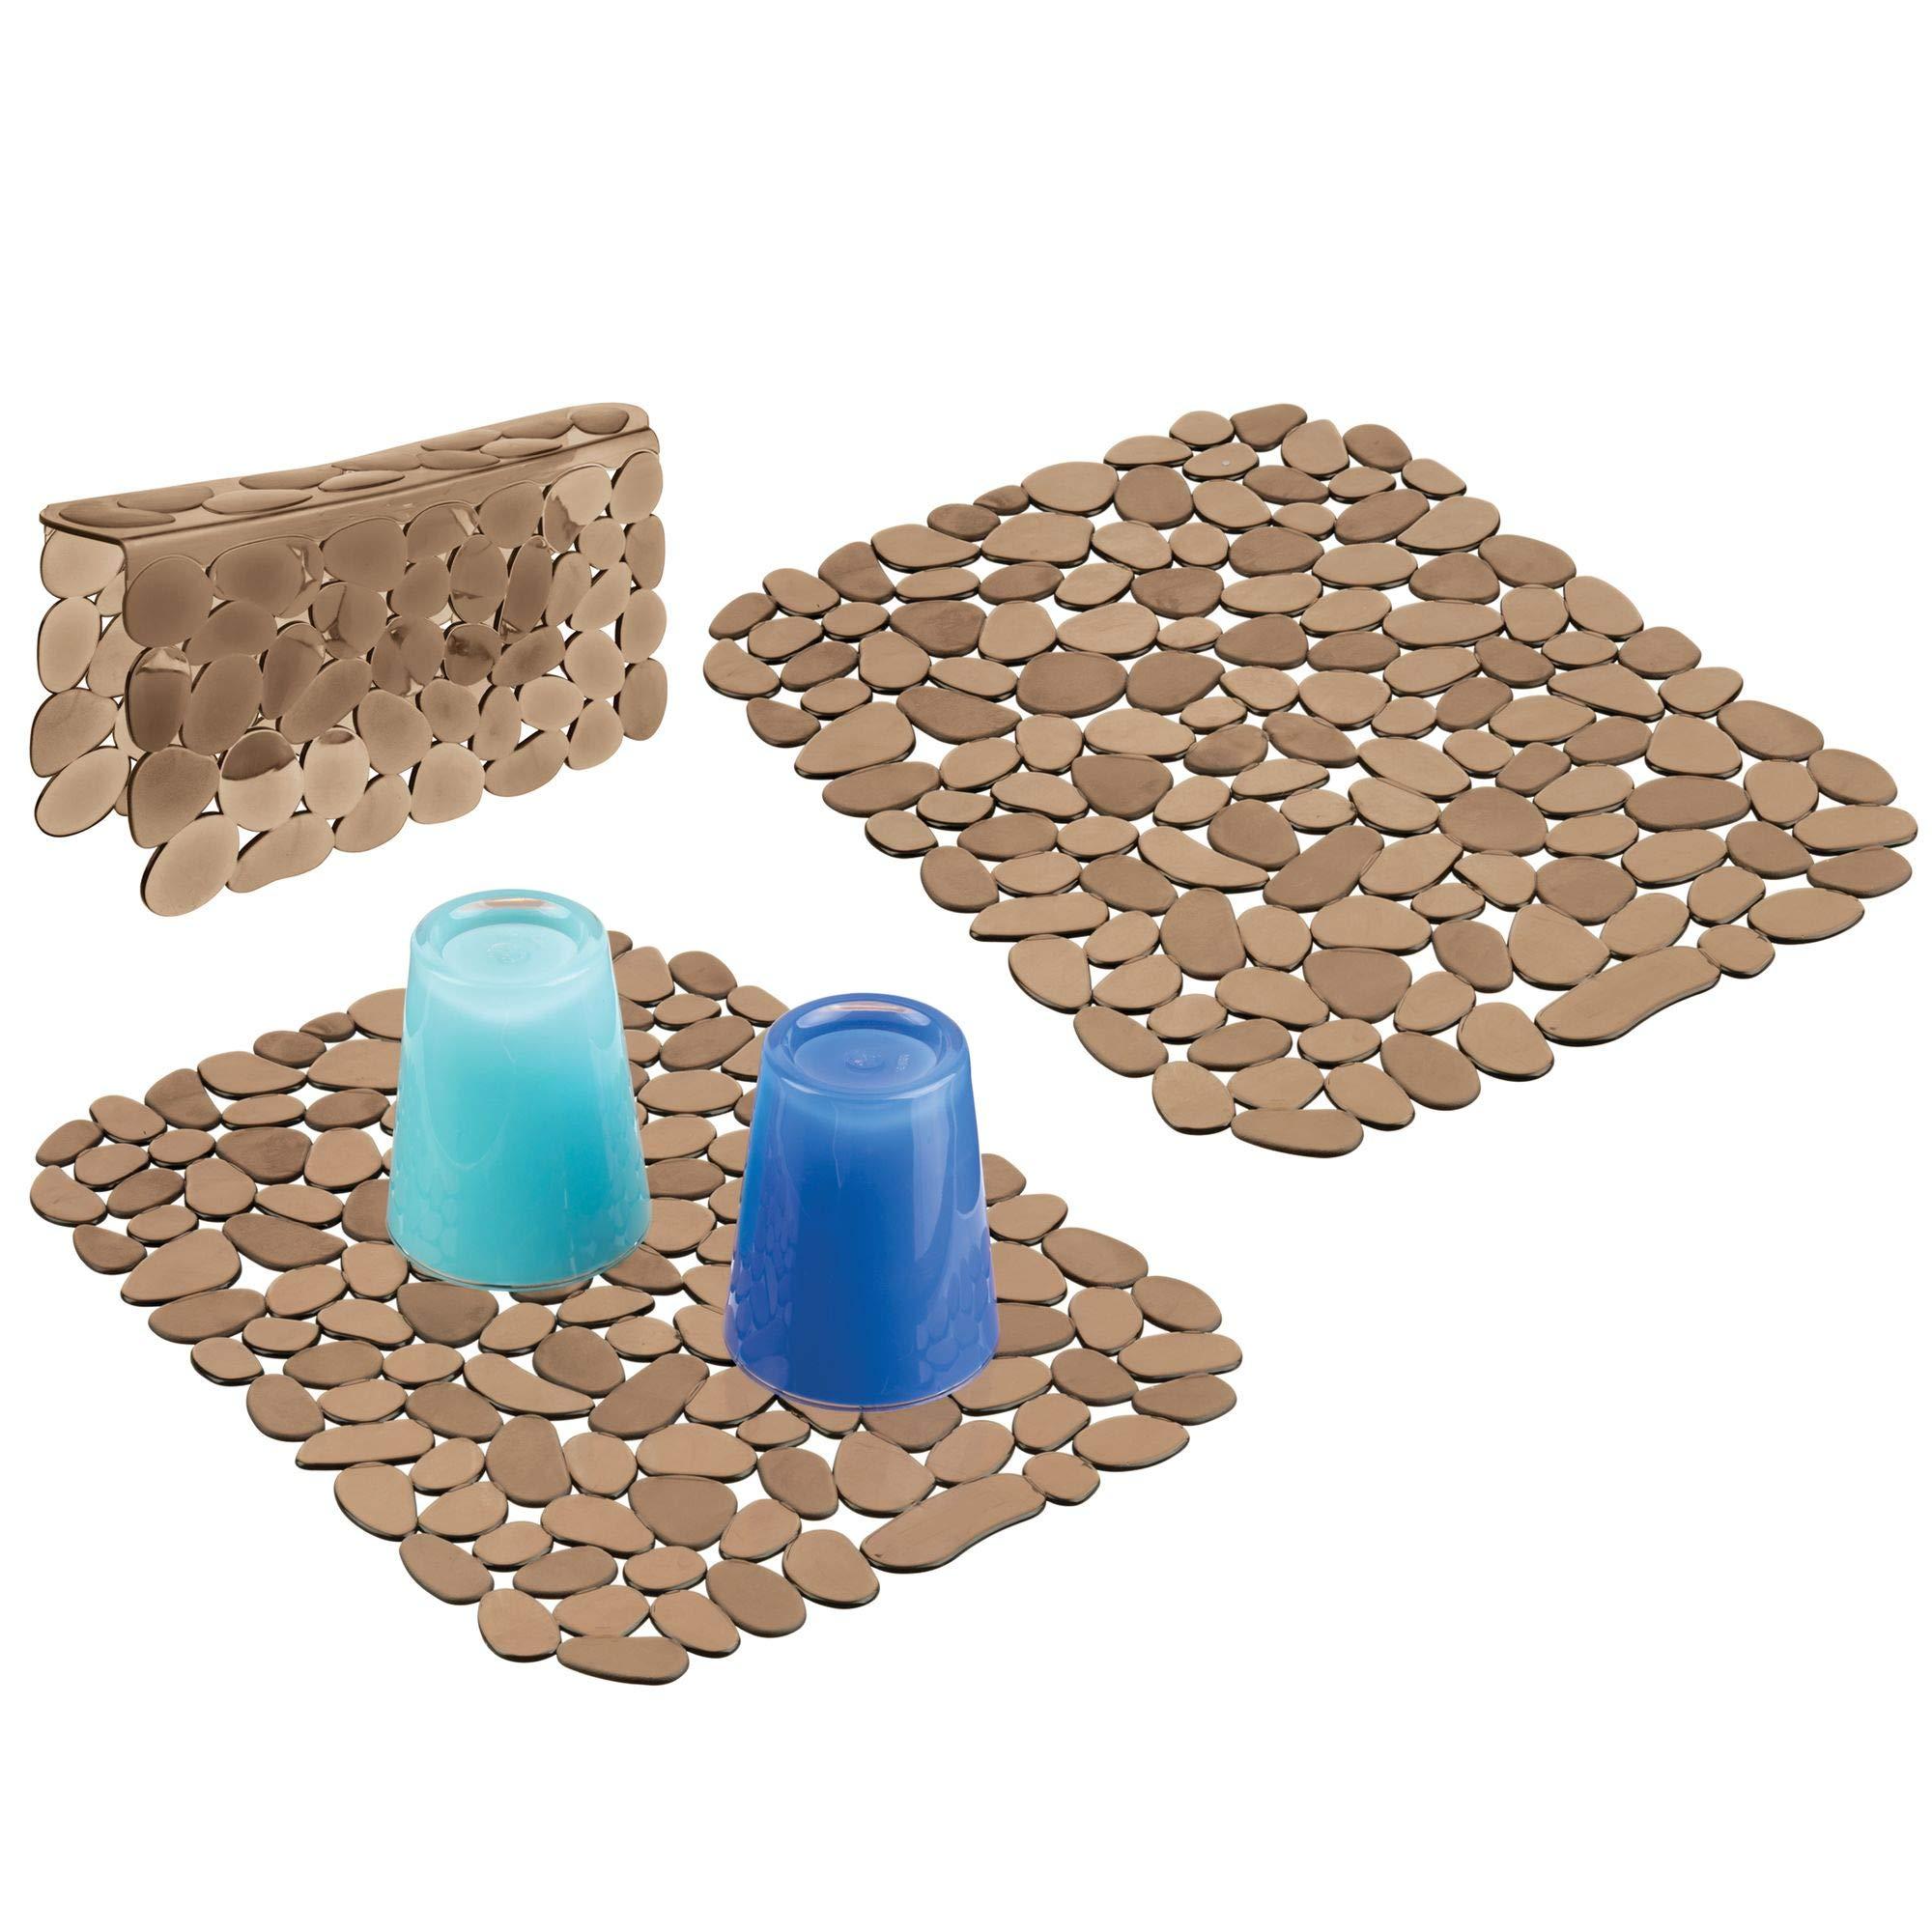 Lavello Cucina In Plastica.Mdesign Set Da 3 Tappetini Per Lavello Cucina In Plastica Grande